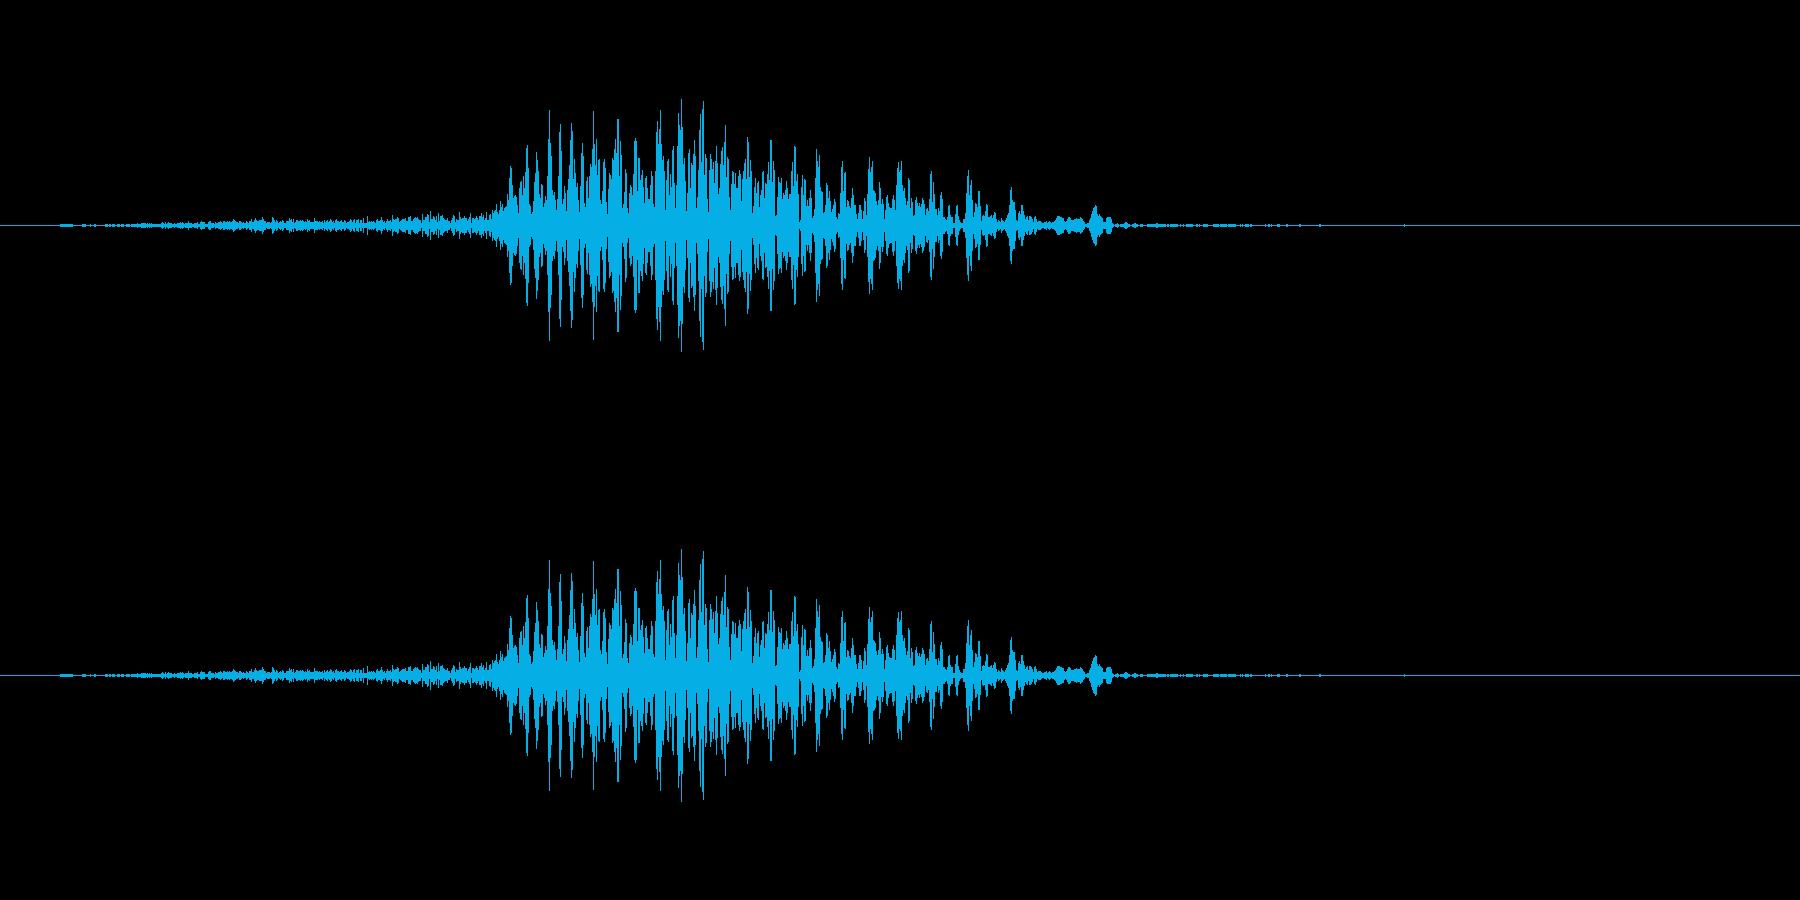 男声「はっ」格ゲー、掛け声などにの再生済みの波形